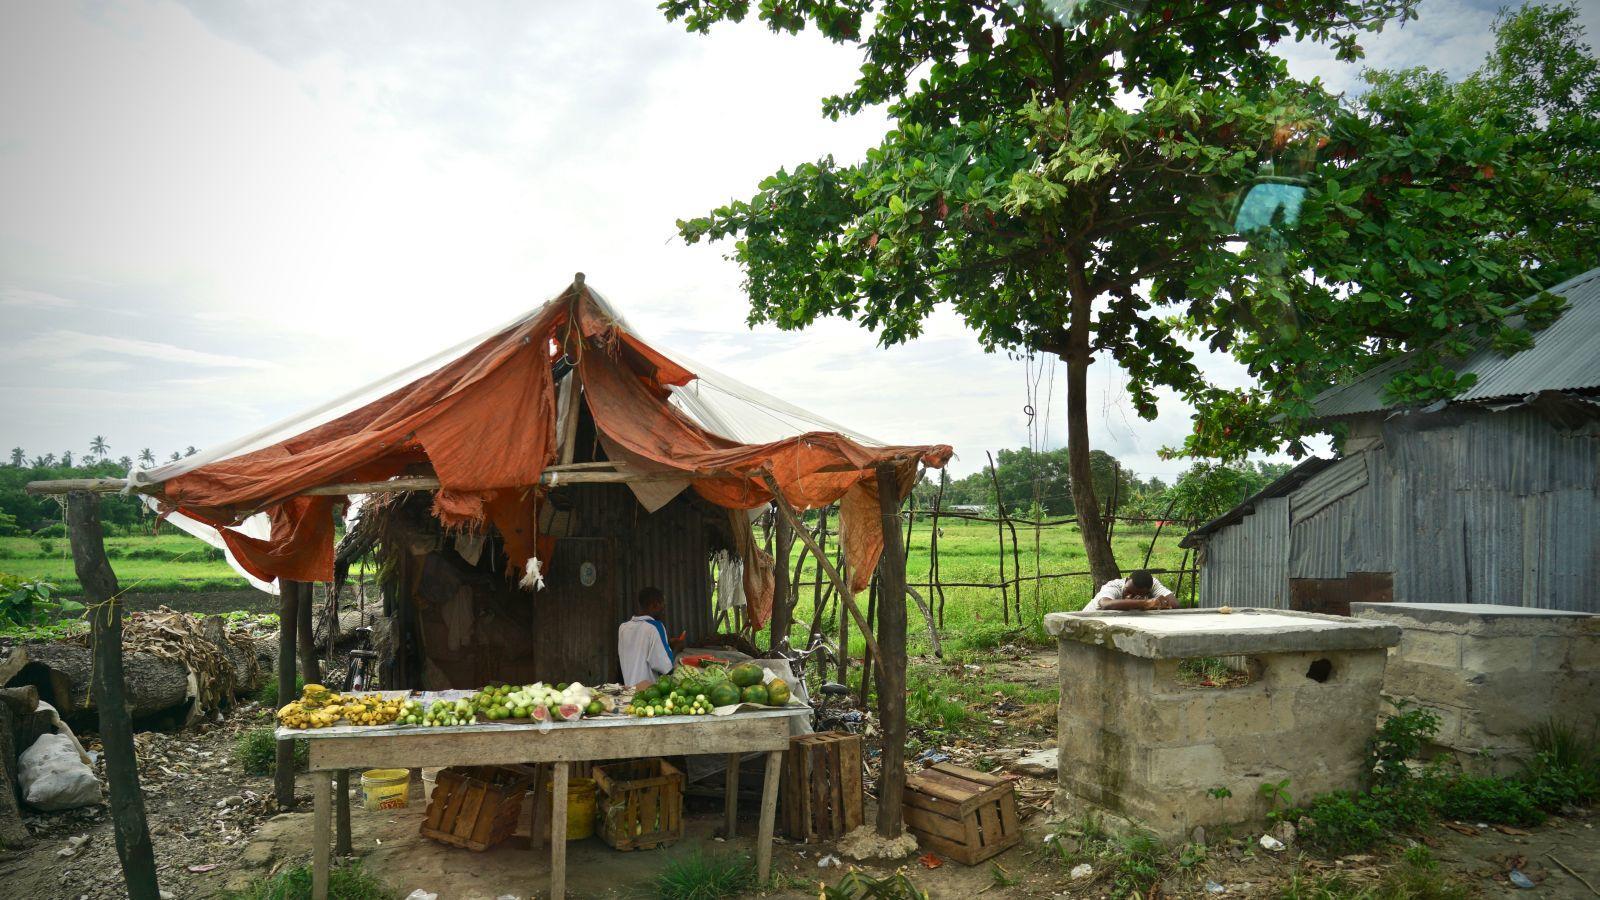 Obst- und Gemüsestand am Straßenrand irgendwo zwischen Sansibar Town und Kiwengwa